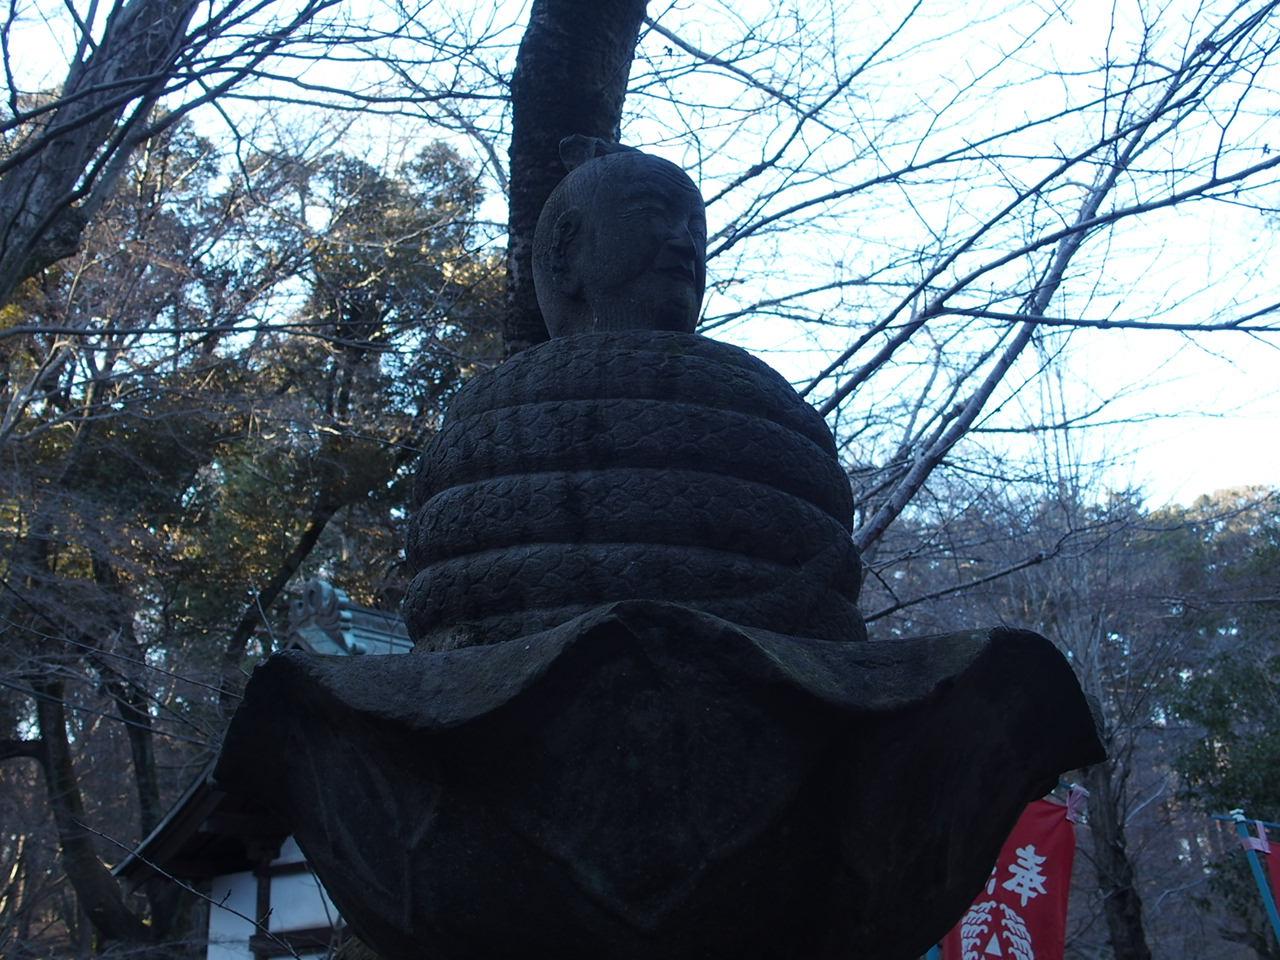 井の頭弁財天の境内にある像